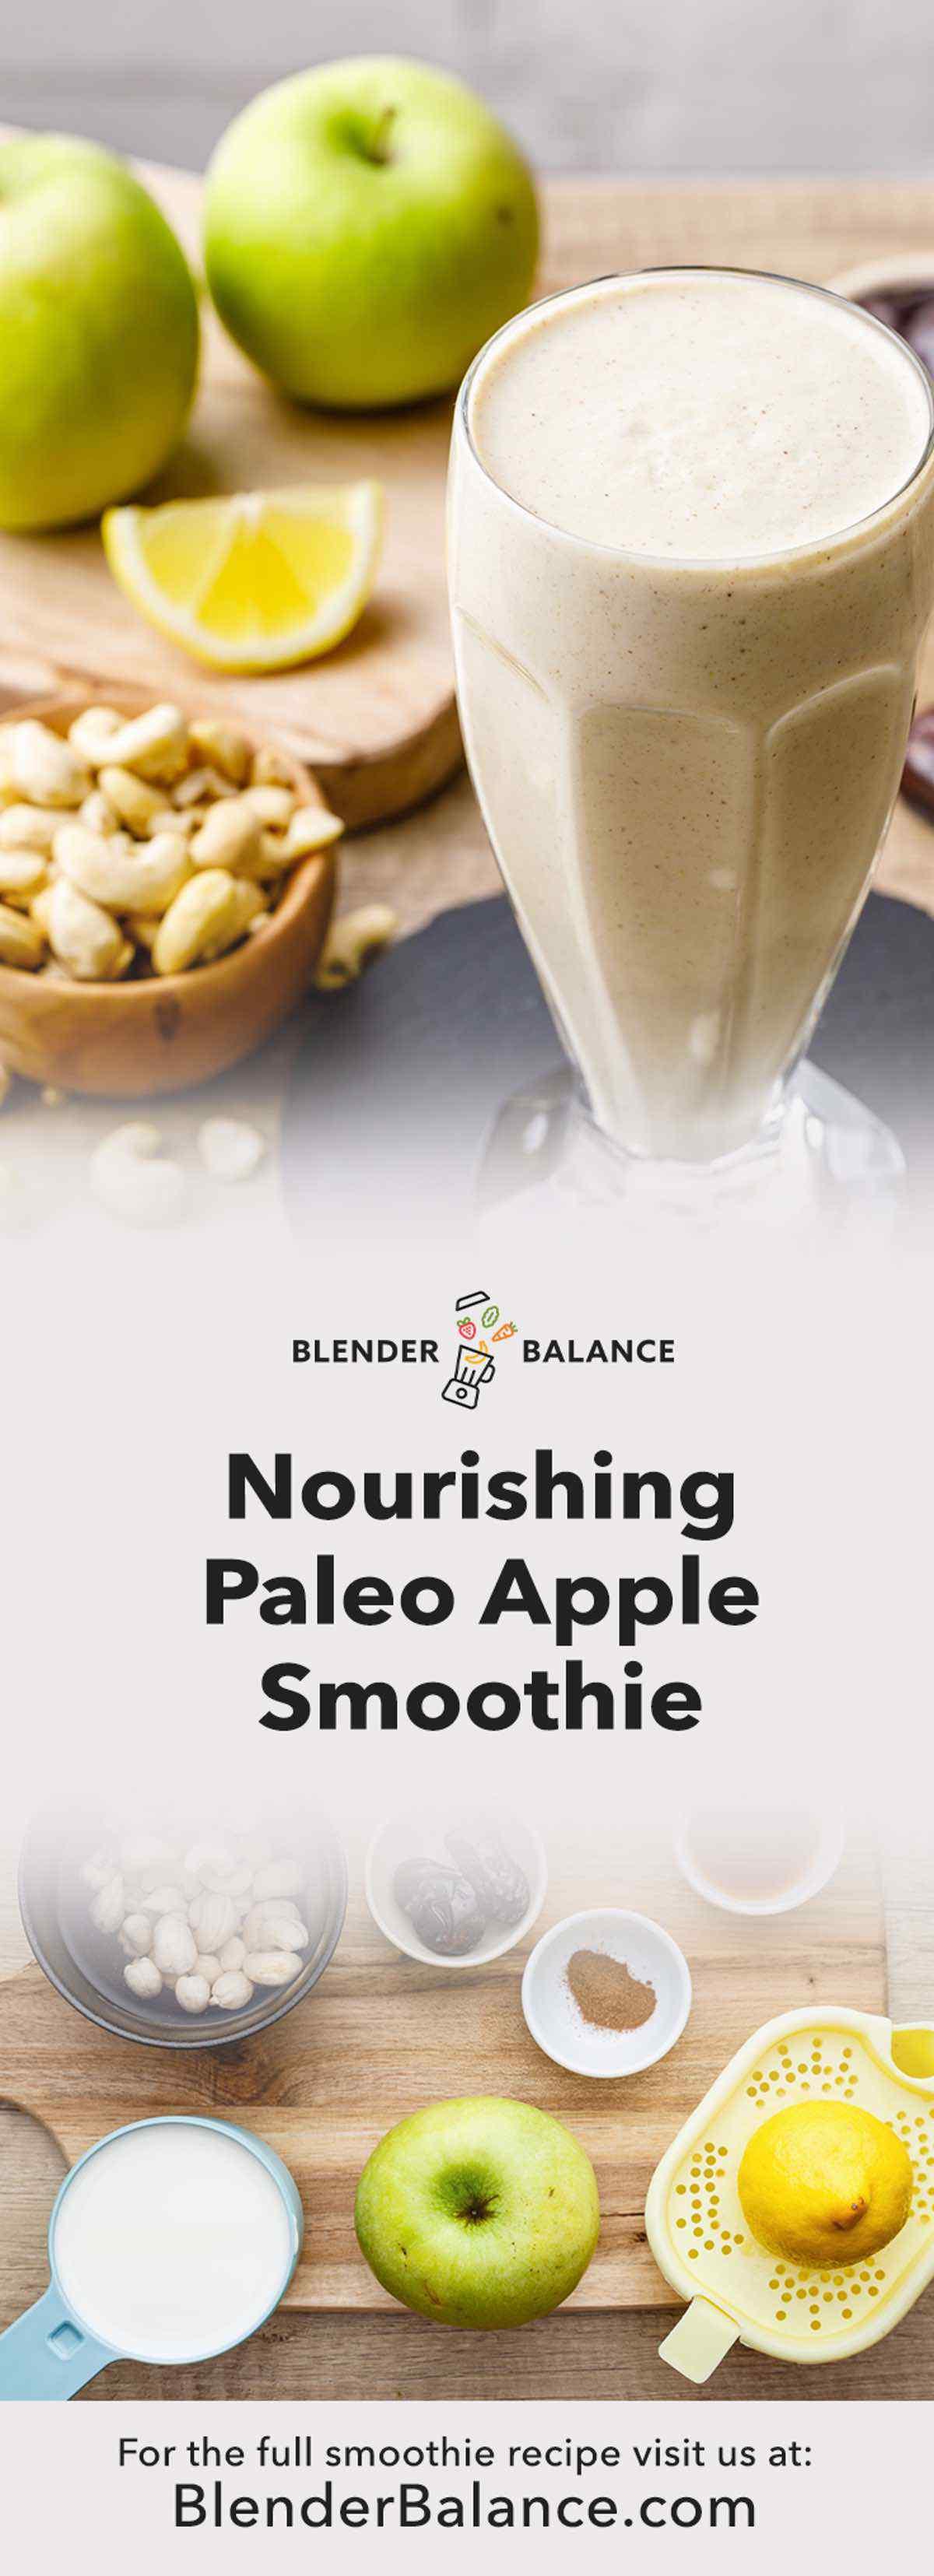 Apple Paleo Smoothie